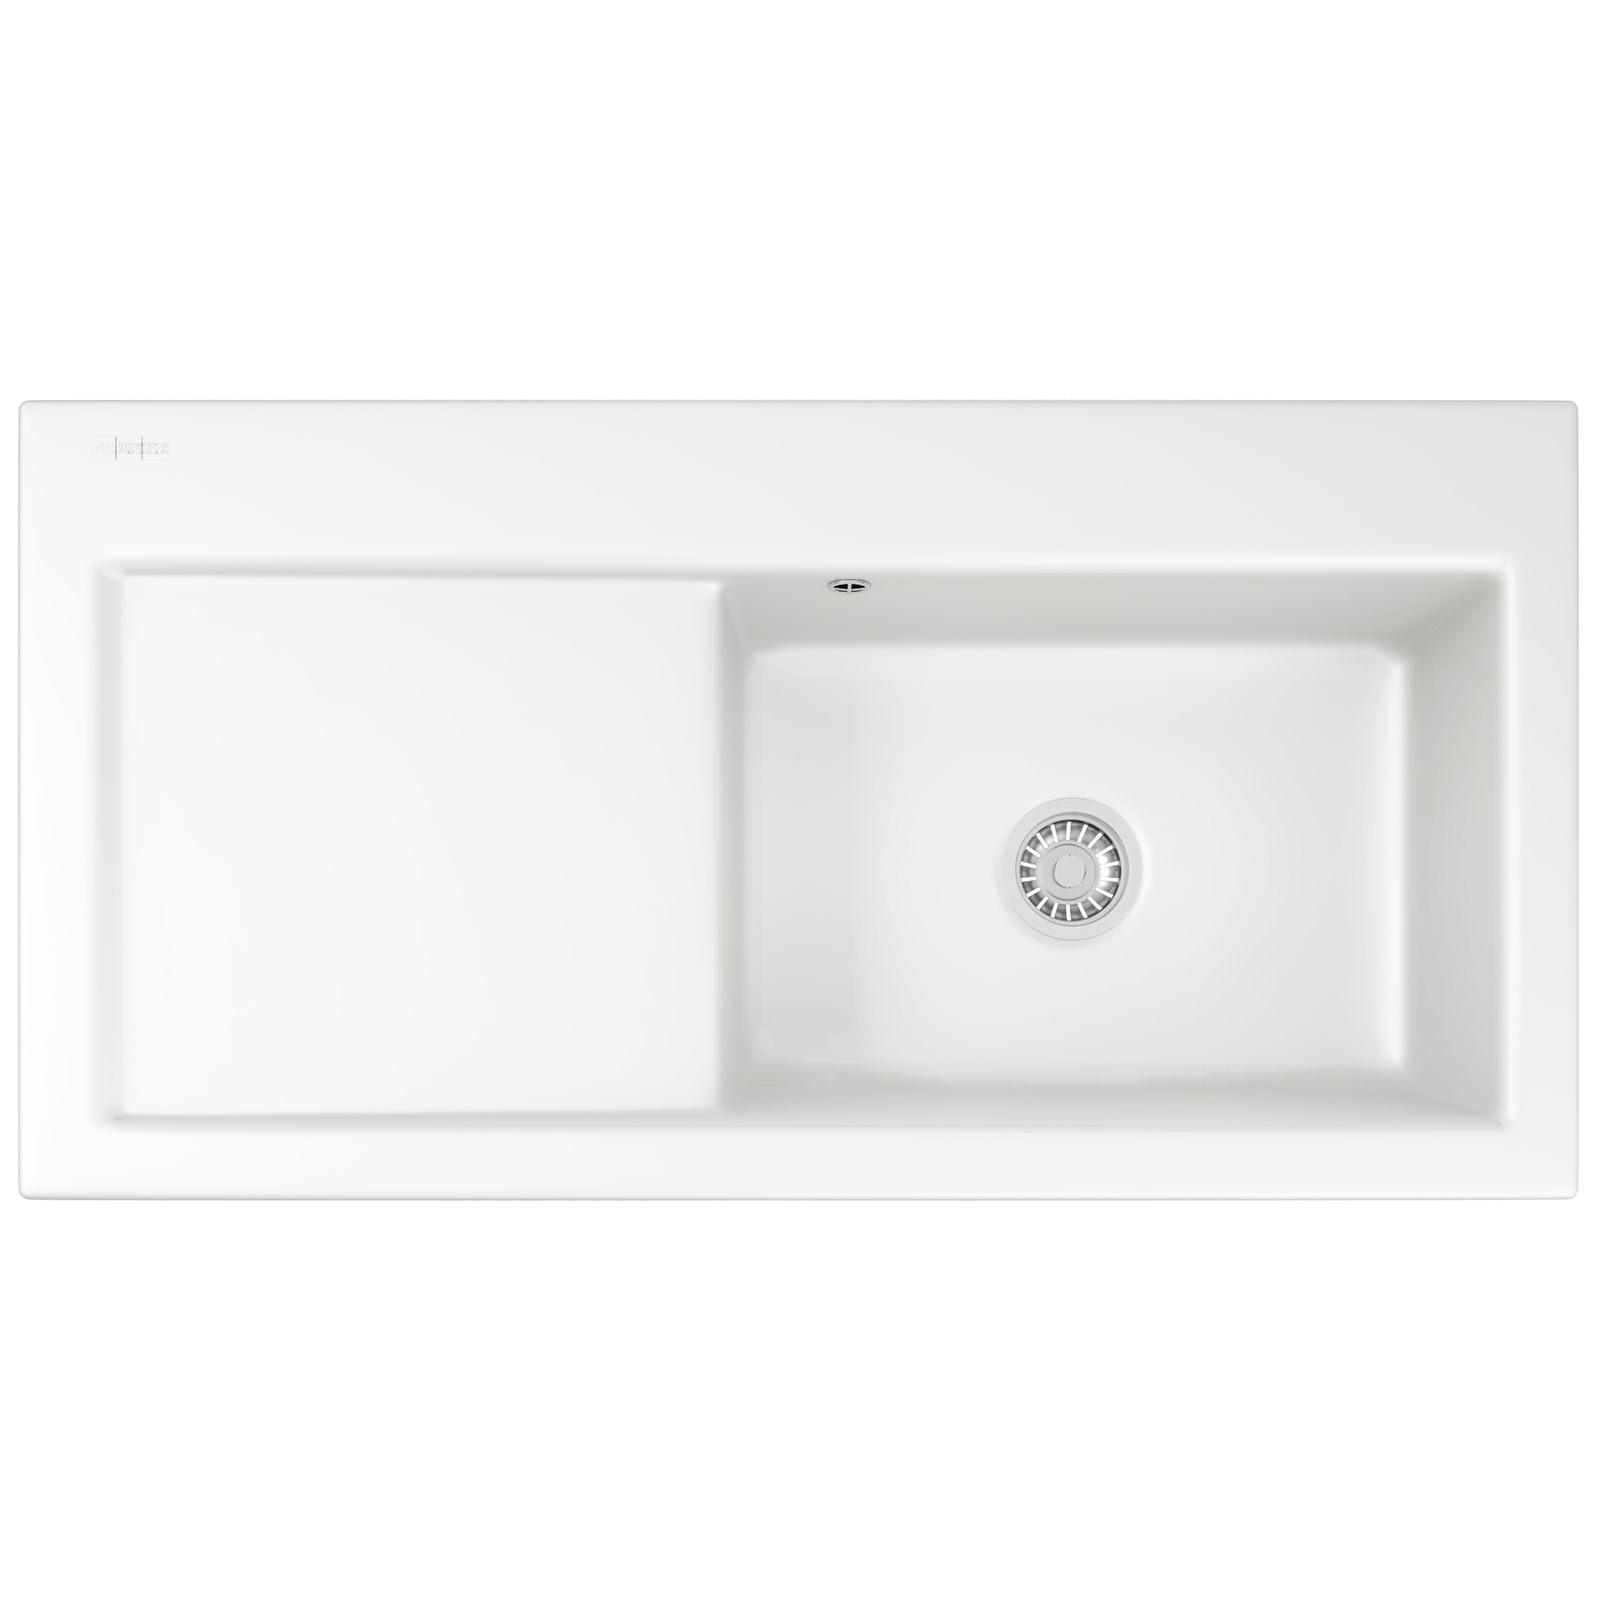 Franke Mythos Sink And Tap Pack : Franke Mythos Designer Pack MTK 611 Ceramic White Sink And Tap 124 ...